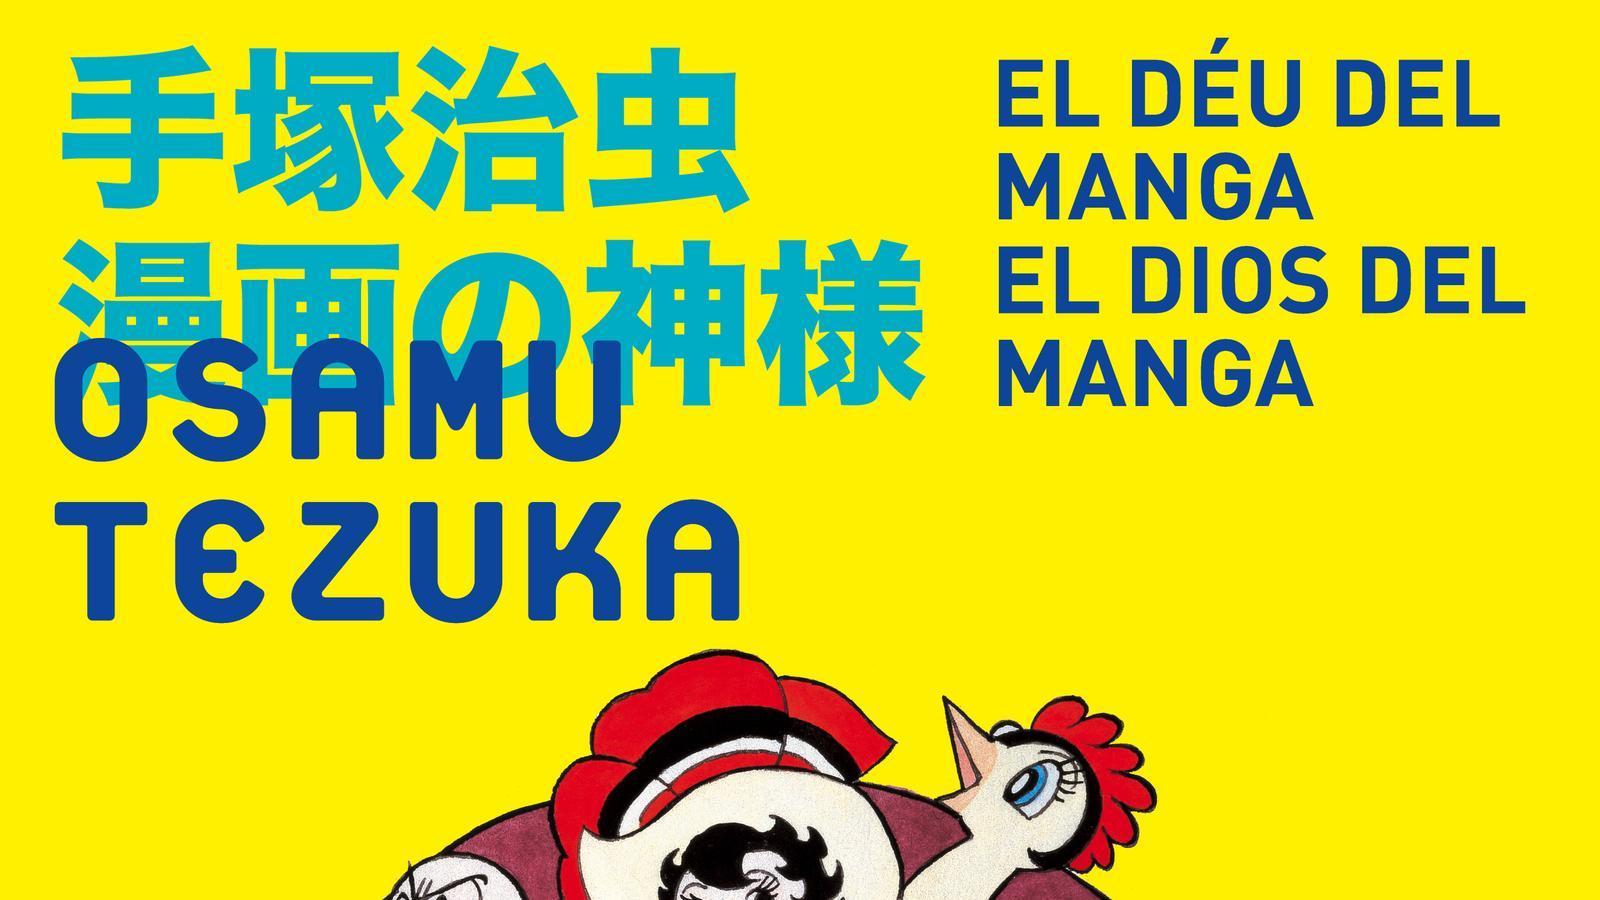 Cartell de l'exposició d'Osamu Tezuka